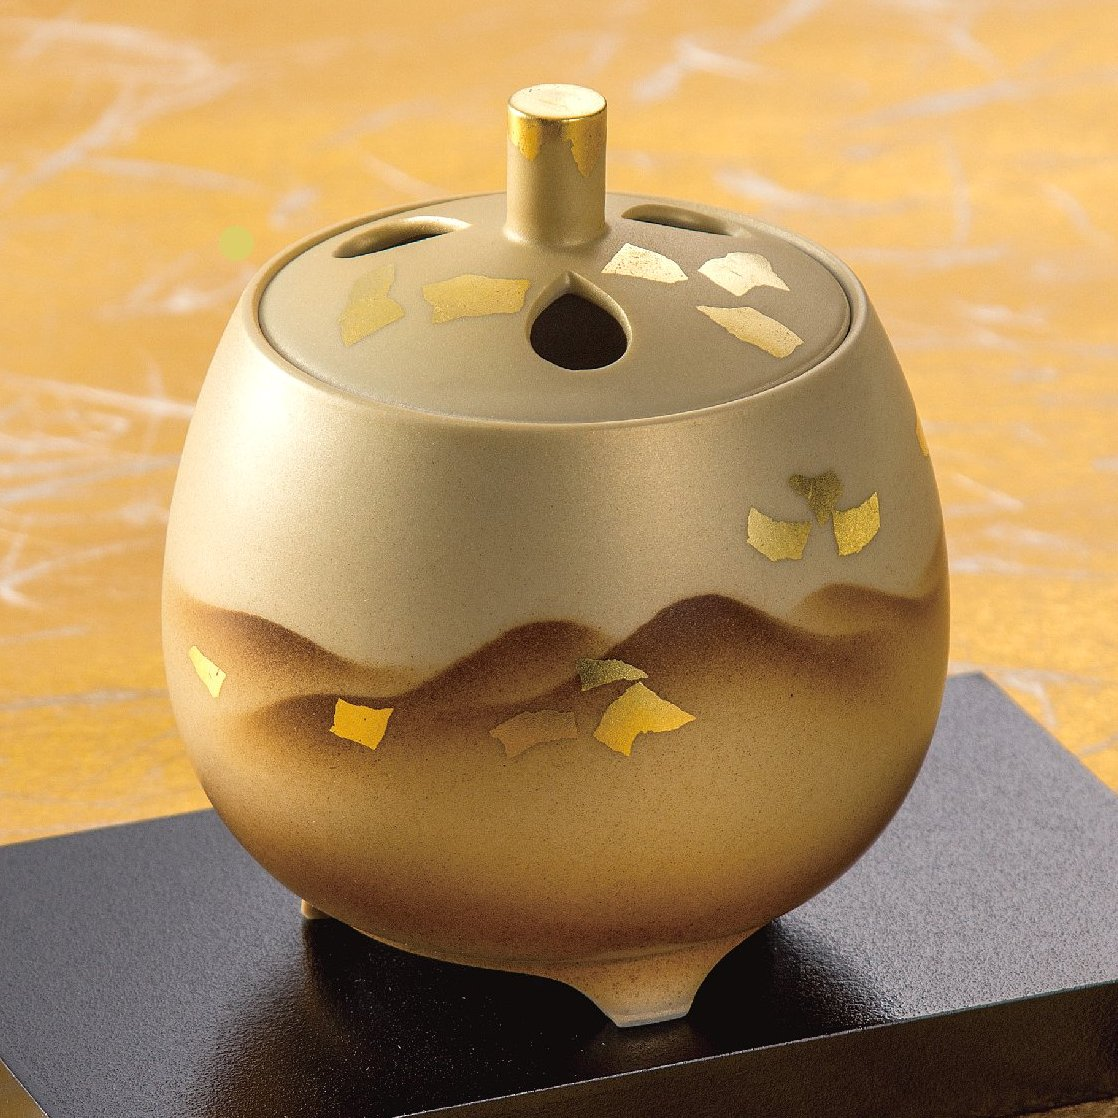 九谷焼高級ギフト ご贈答品 九谷焼3.5号香炉 金彩連山